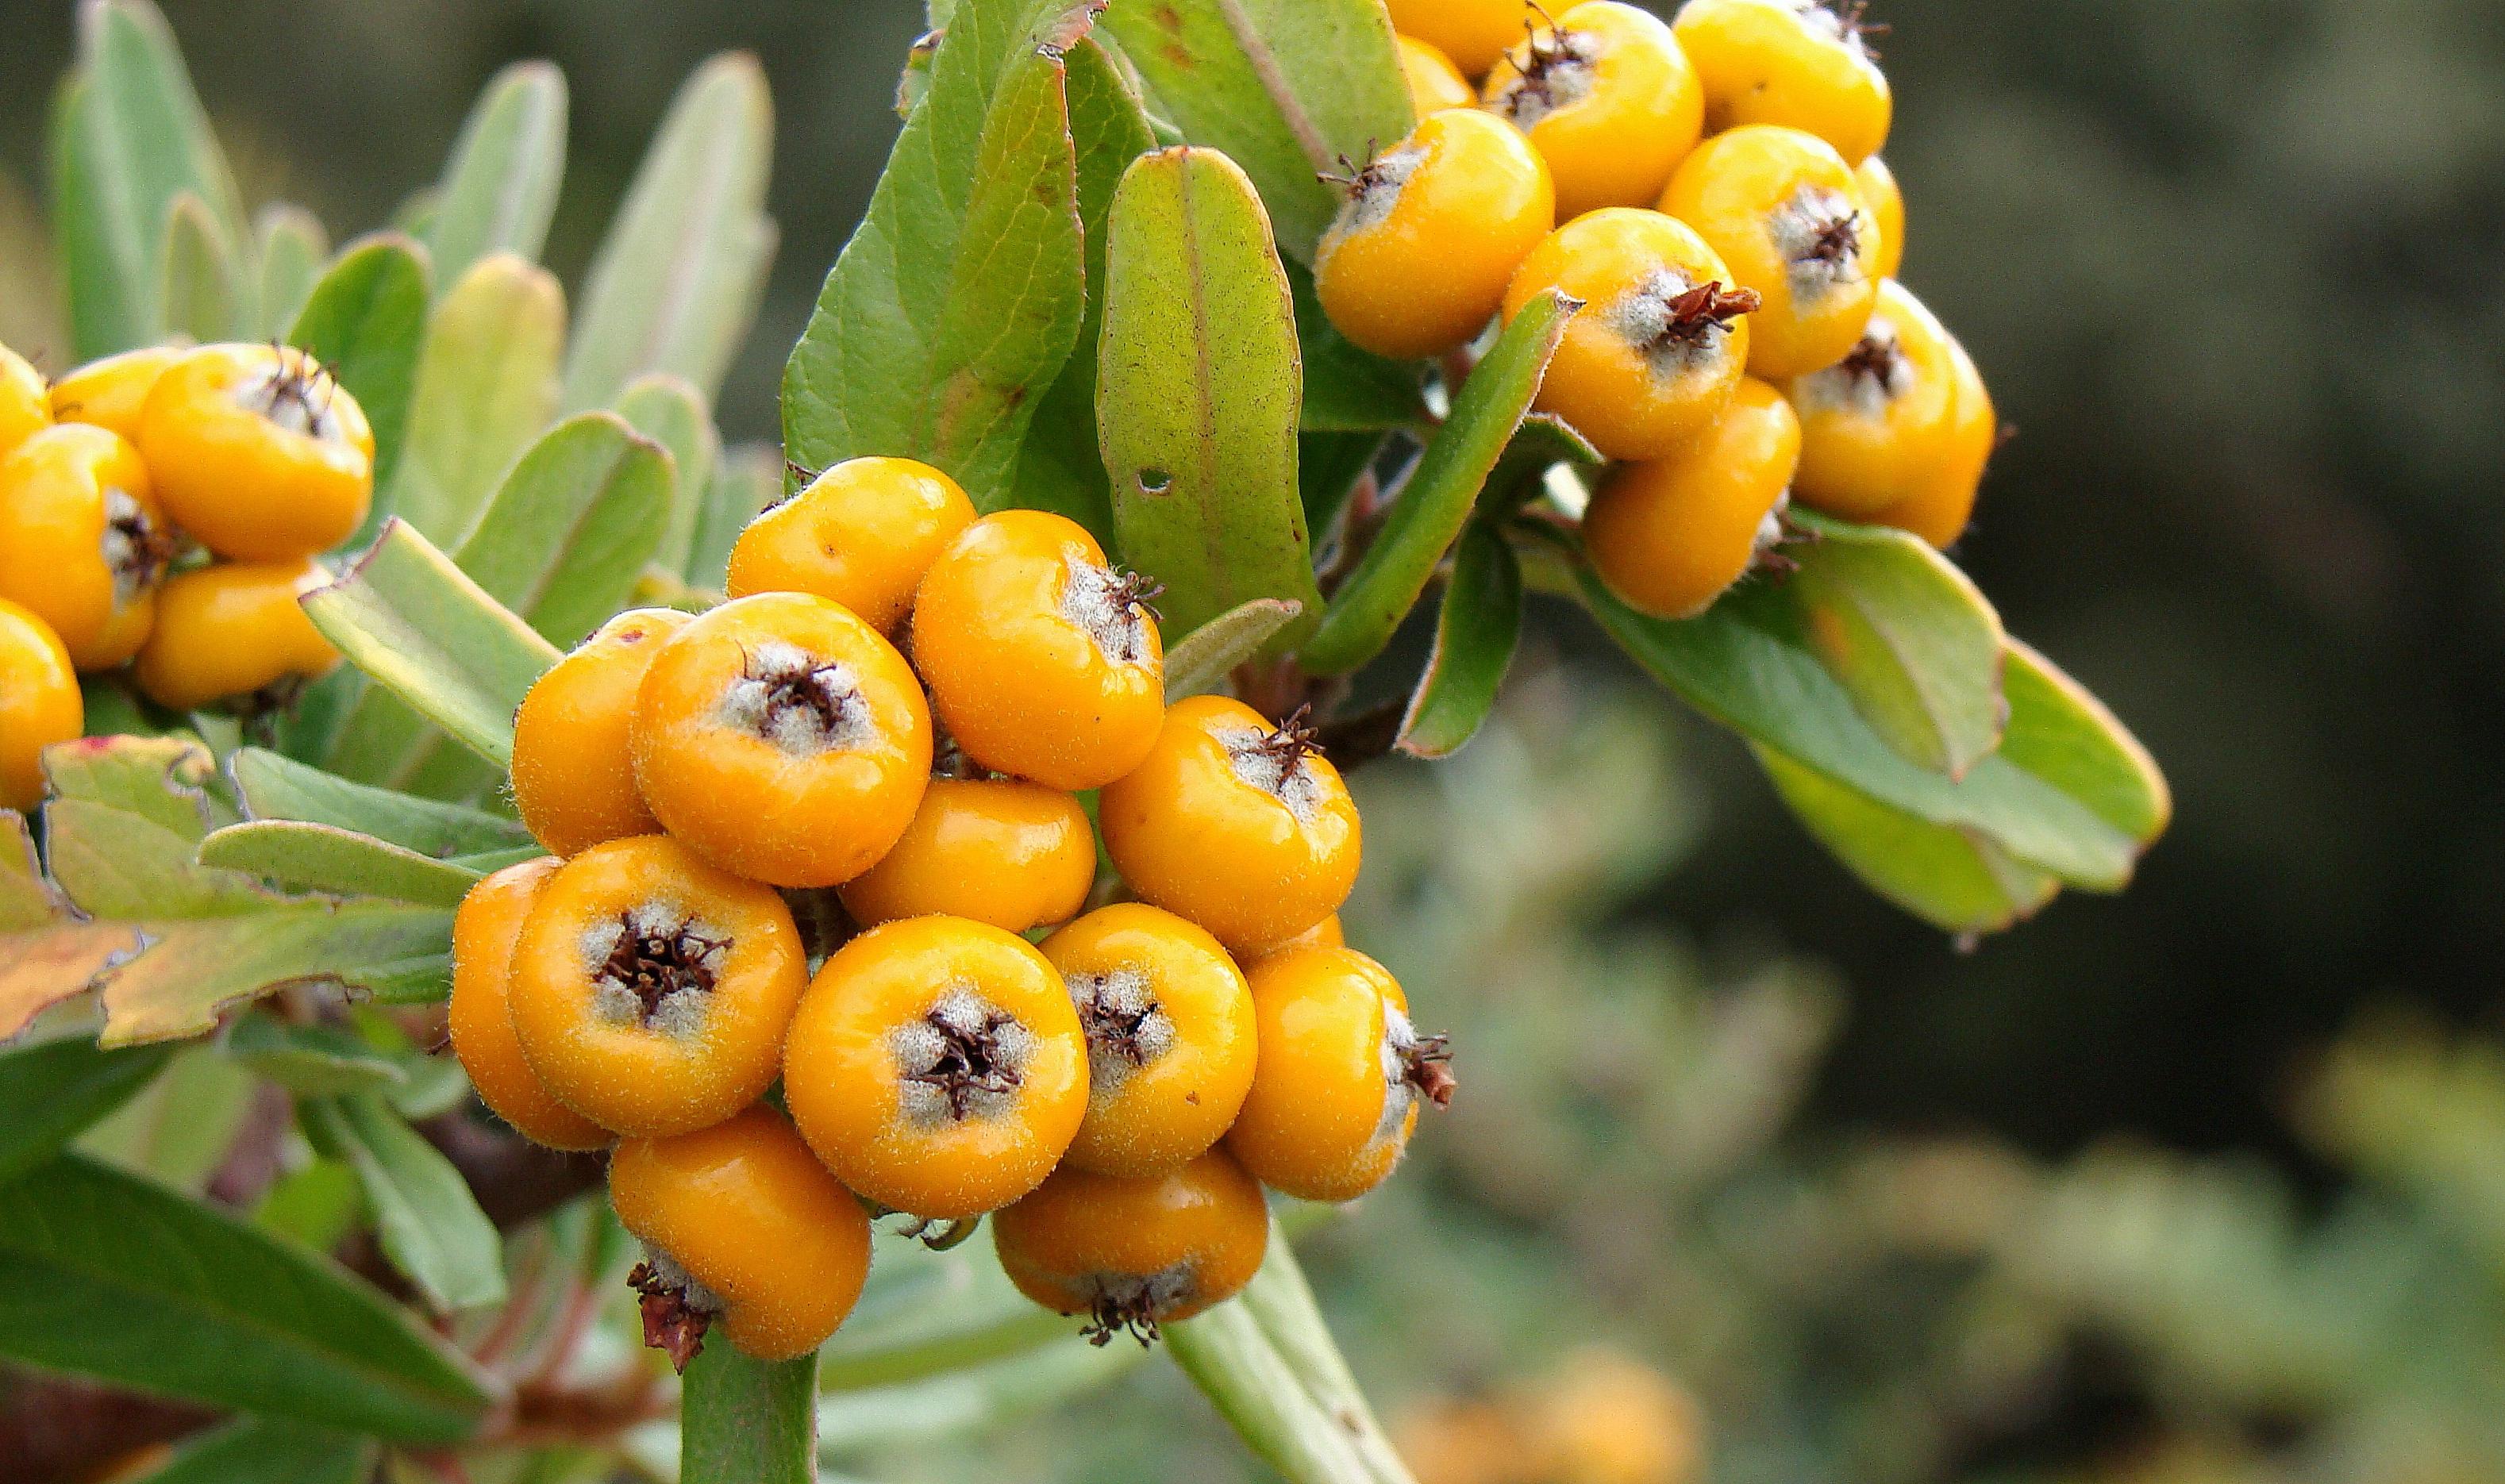 Images Gratuites : fruit, baie, fleur, sauvage, aliments, produire, à feuilles persistantes ...